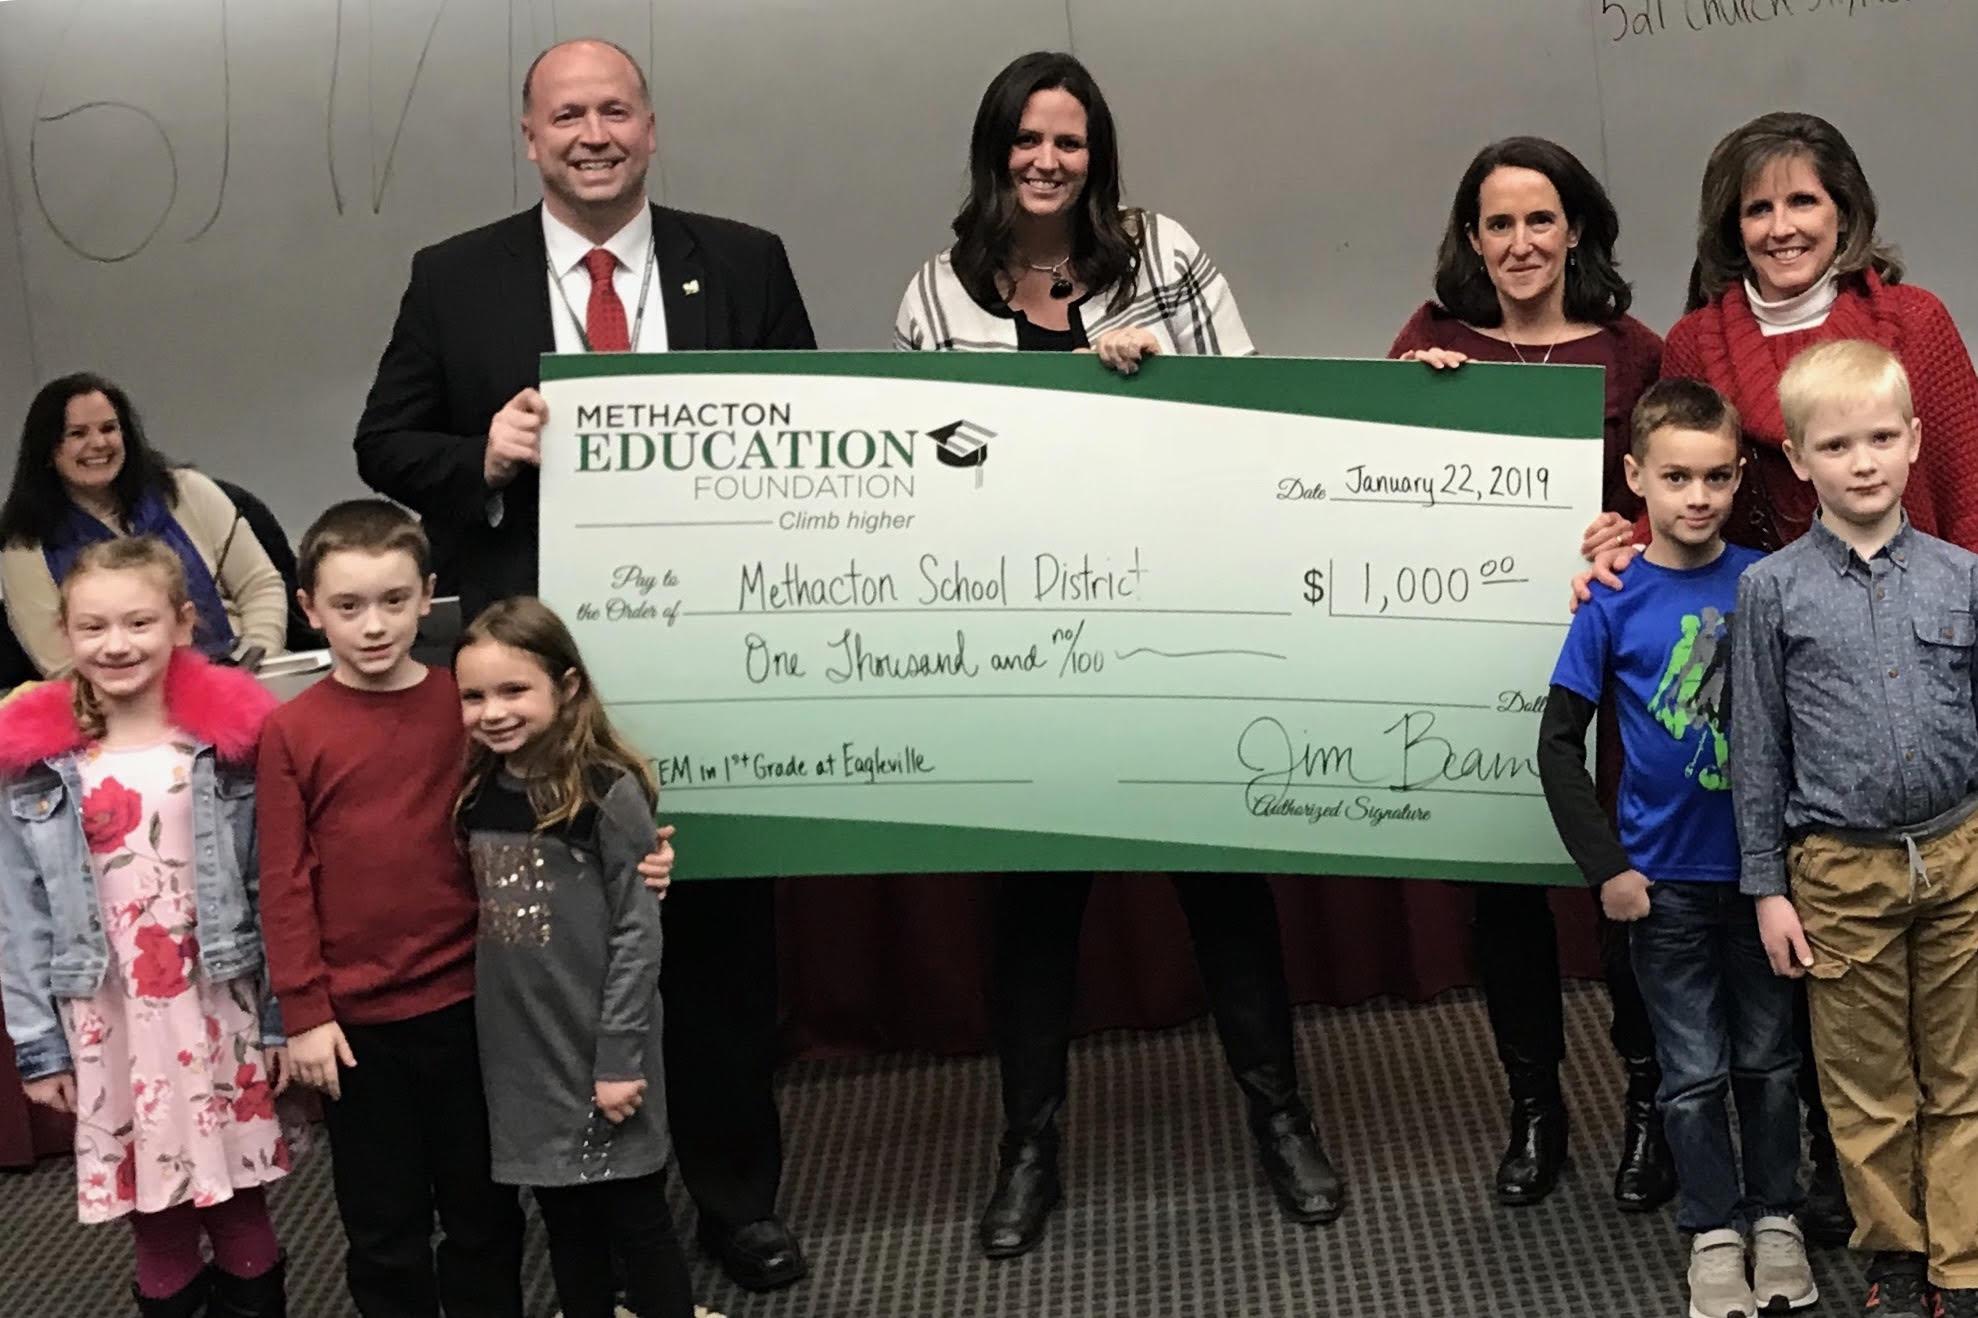 Foundation Awards $1,000 for STEM at Eagleville